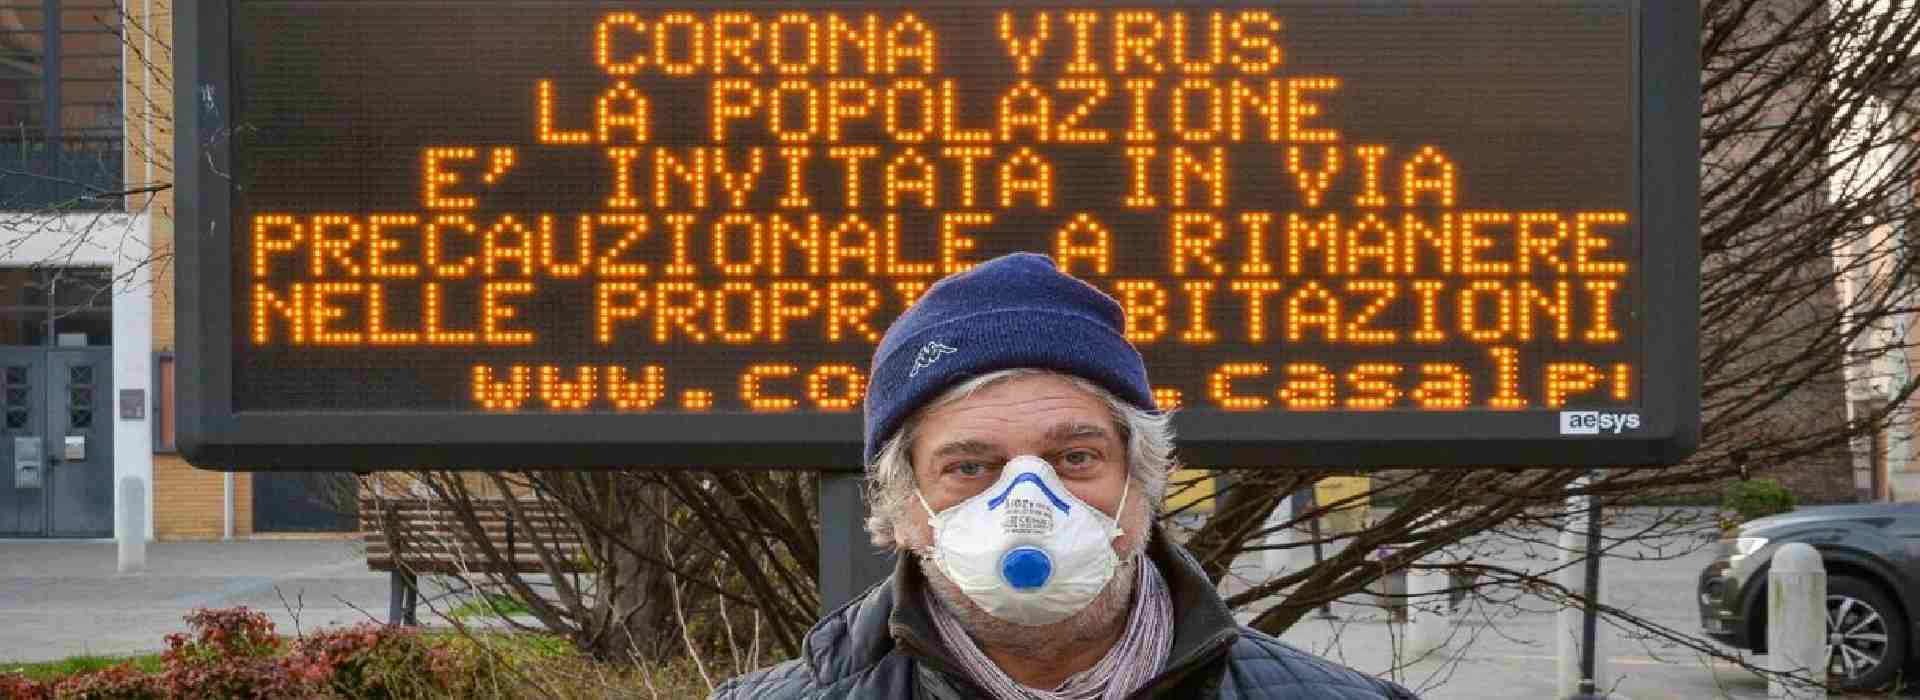 """Coronavirus: """"Un polmone sano può ammalarsi. Il numero dei malati solo punta dell'iceberg"""""""